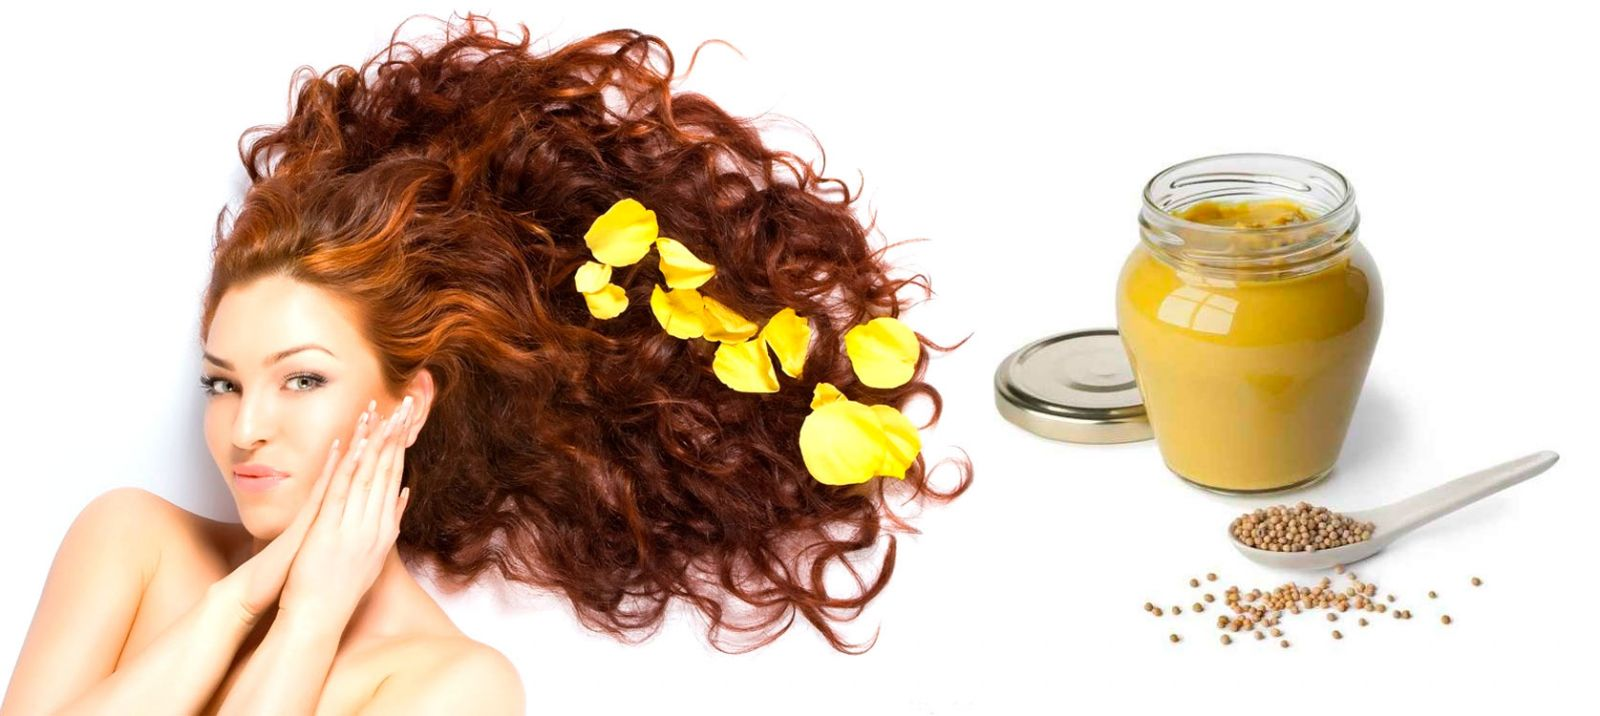 Как приготовить маску для волос из горчицы